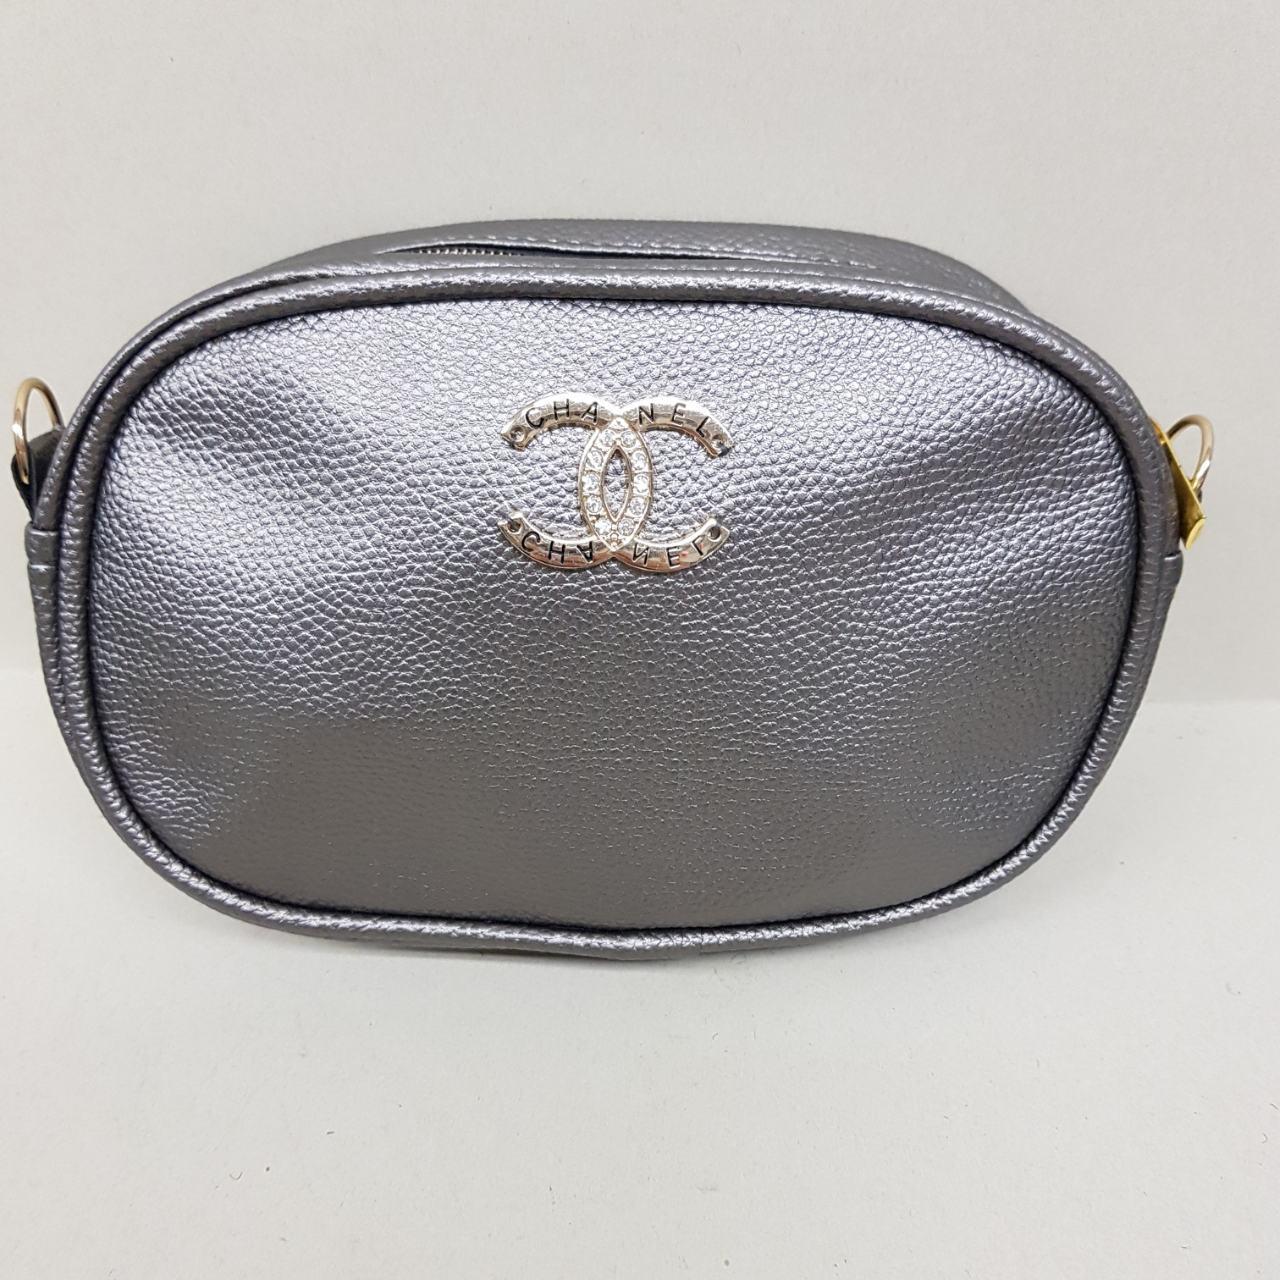 e2ef5131e399 Поясная сумка Шанель, Сумка женская опт, сумка клатч,Сумка оптом ...